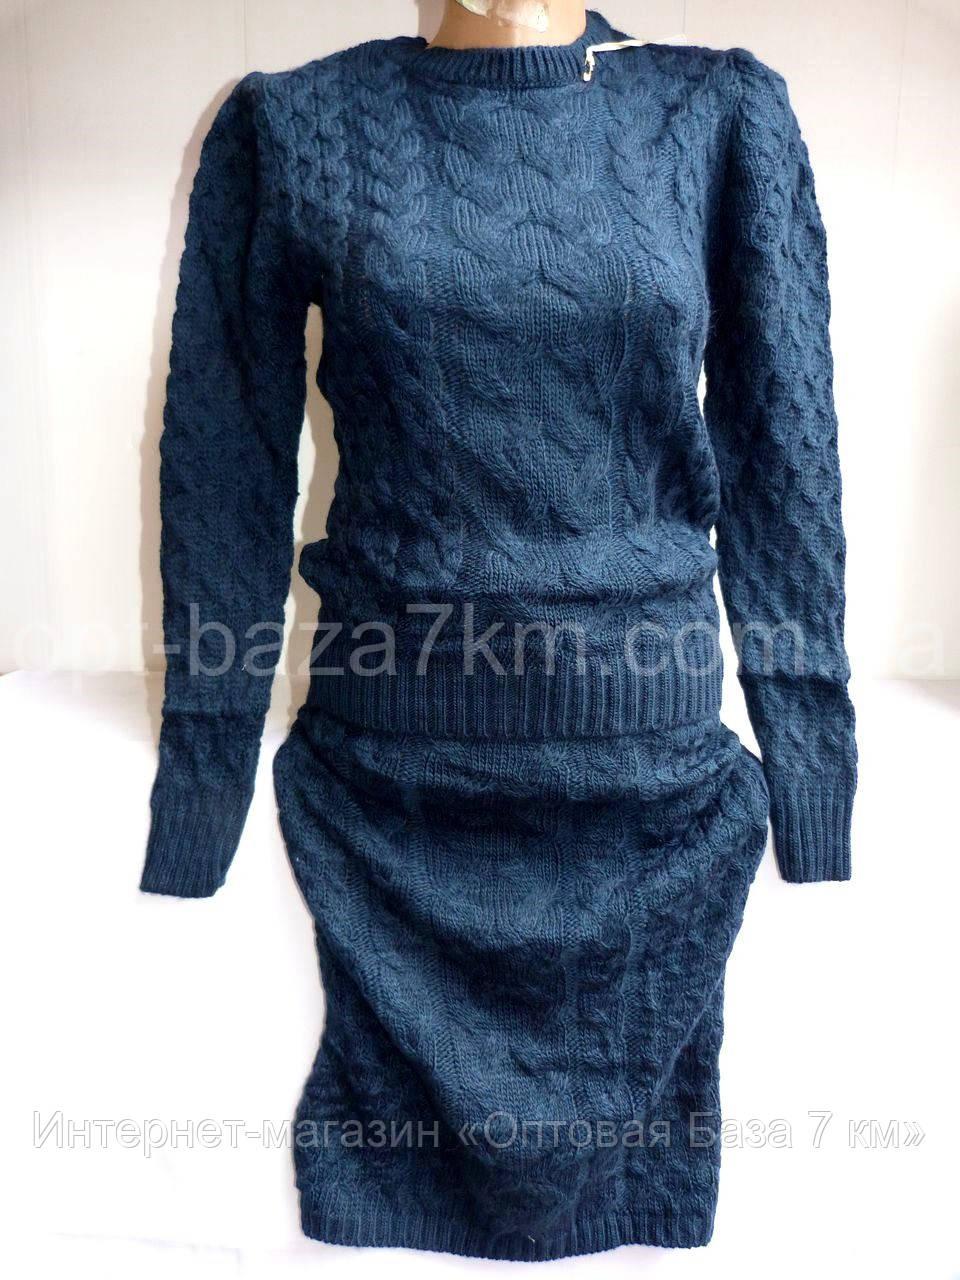 Костюмы женские оптом юбка+кофта купить в Одессе 7 км - вязка (42-46, норма) - Интернет-магазин «Оптовая База 7 км» в Одессе